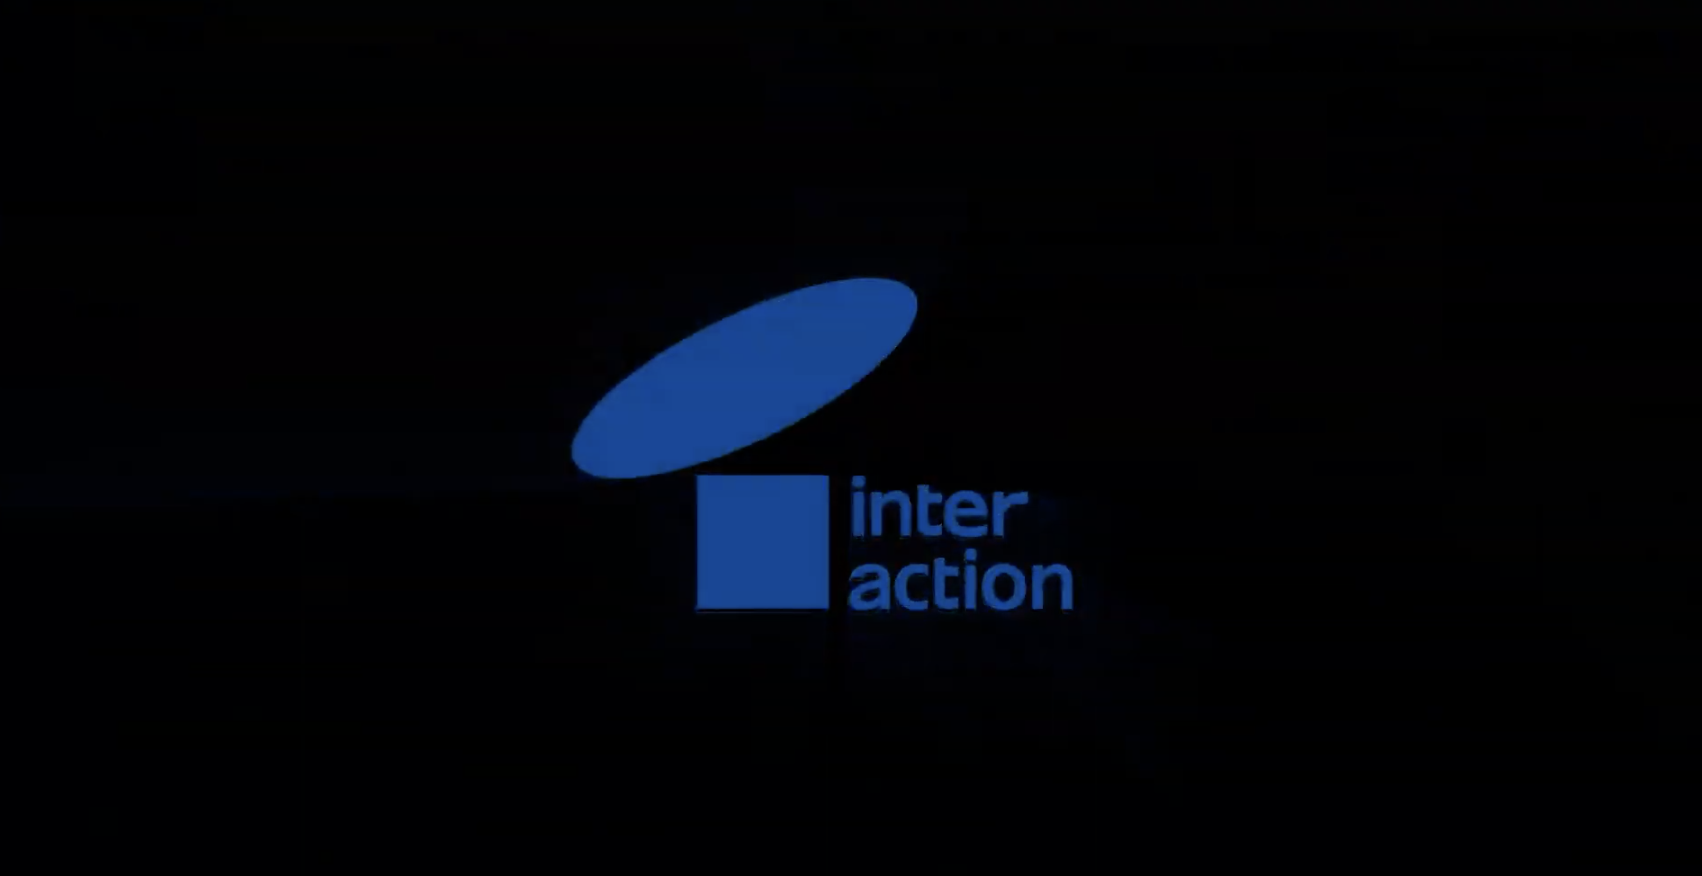 株式会社インターアクション 採用動画